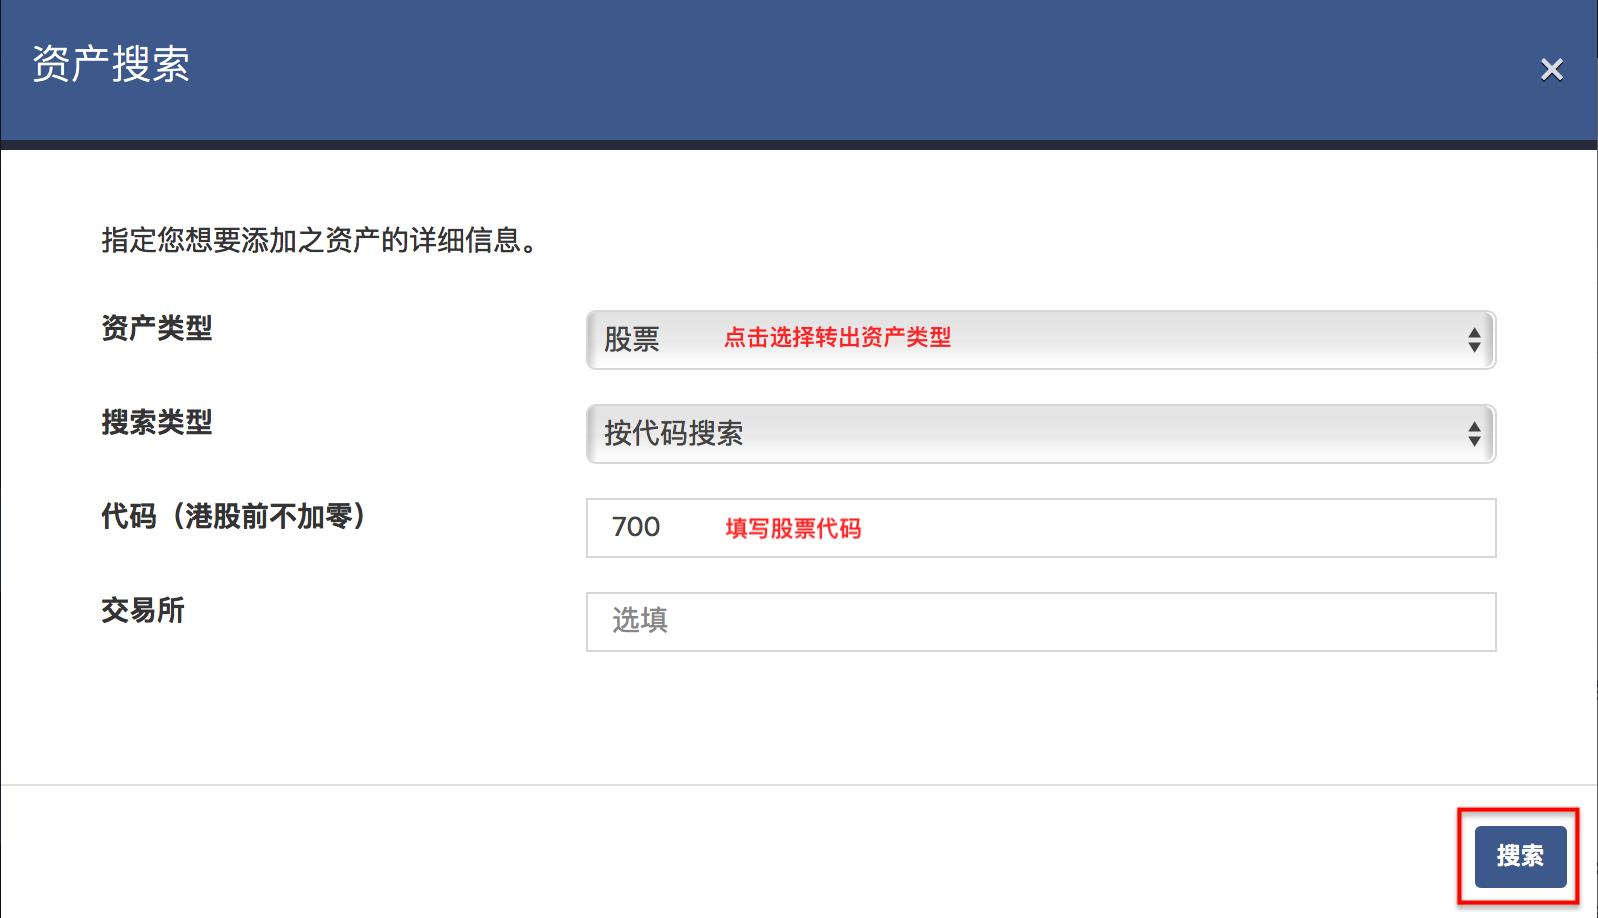 中国银河国际转户到雪盈证券